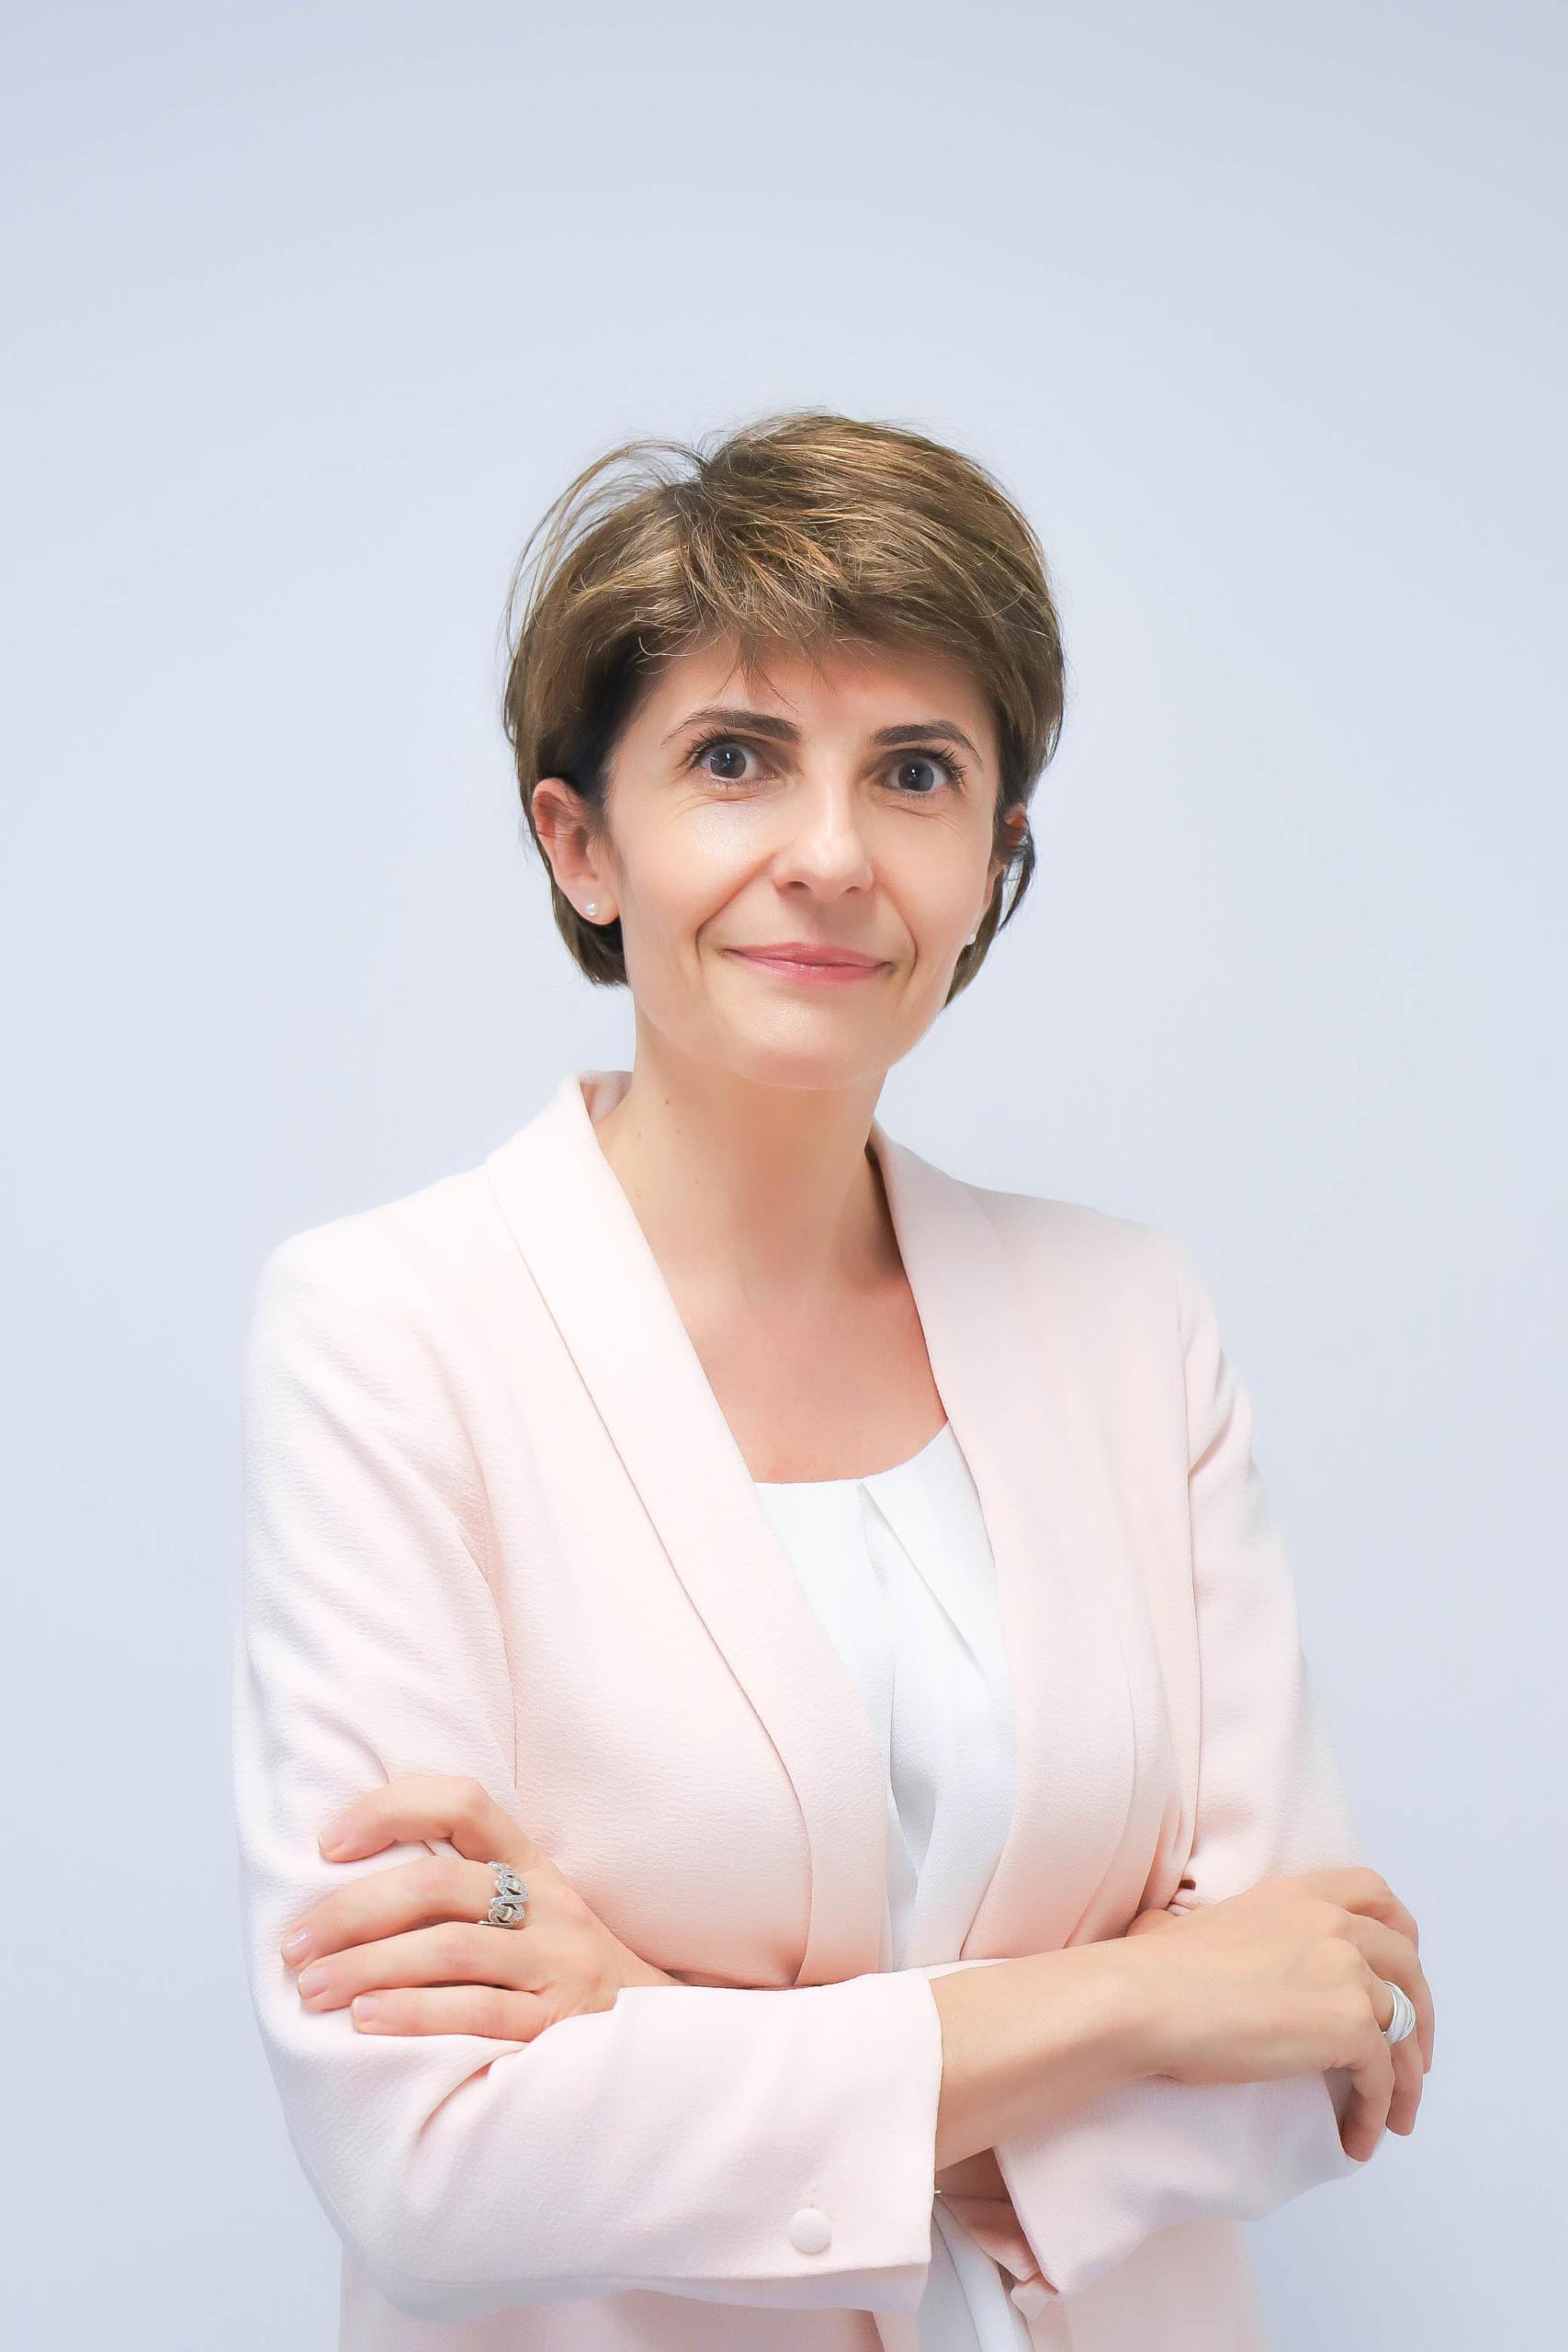 Nomination de Cécile Mathieu à la Direction des Ressources Humaines